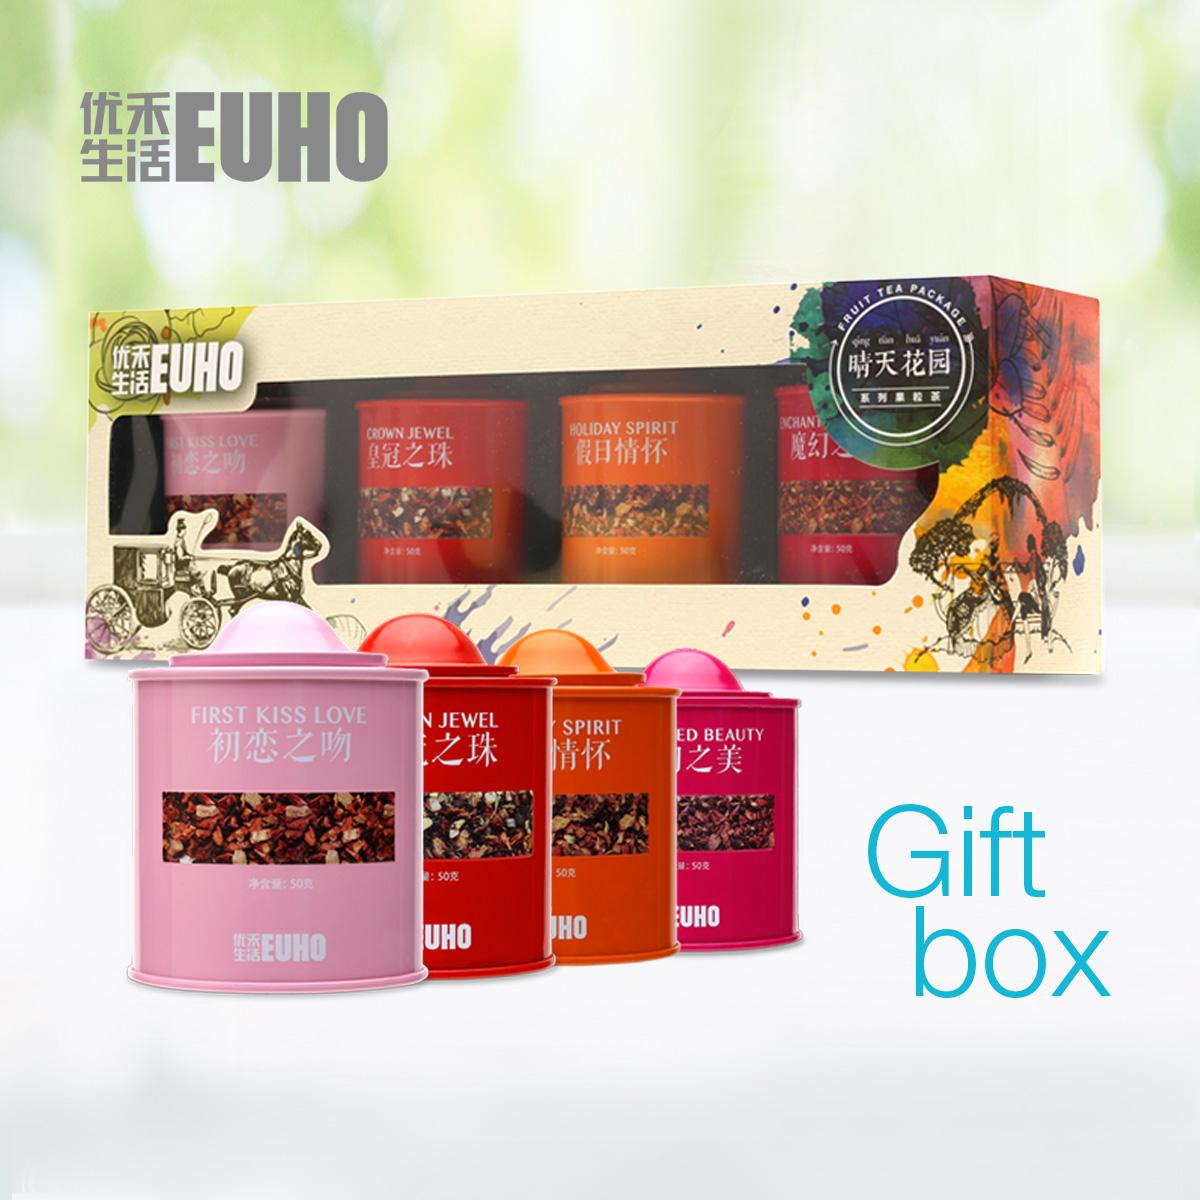 罐装包邮 4 果粒茶礼盒 新品上市 晴天花园果粒茶 茶 EUHO 优禾生活